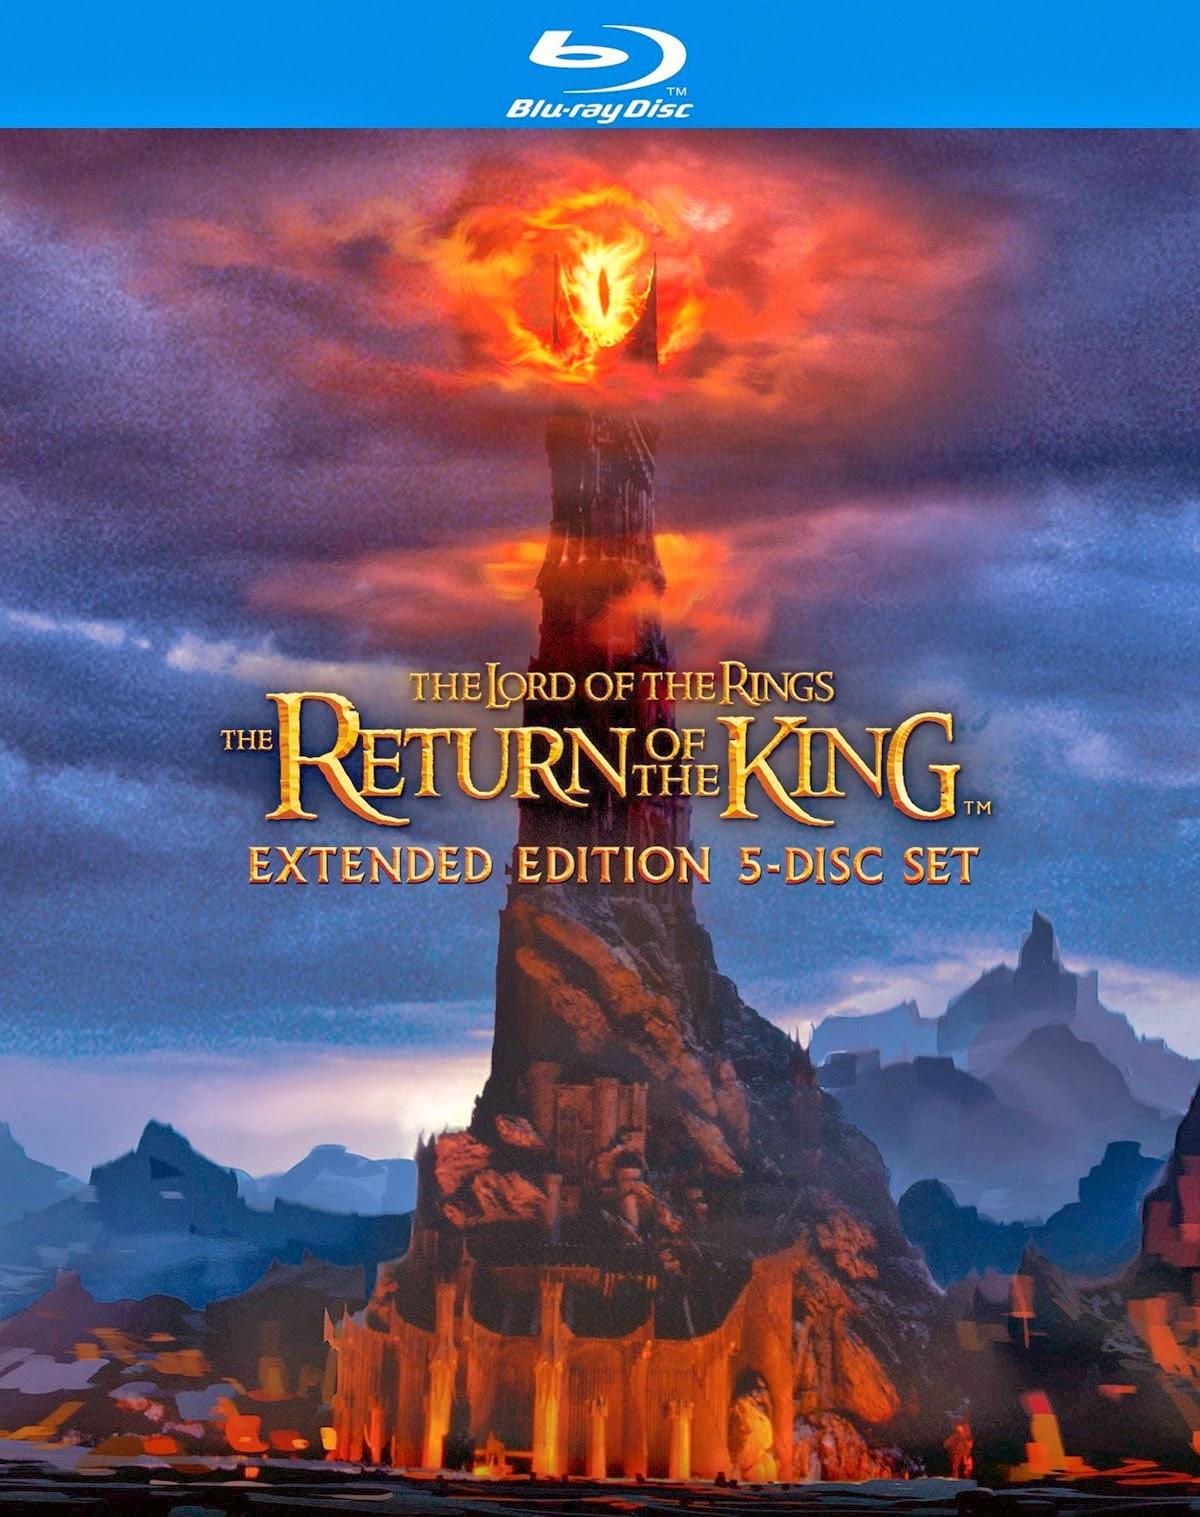 The Lord of the Rings  The Return of the King 2003 เดอะลอร์ดออฟเดอะริงส์ ภาคที่ 3 ตอน มหาสงครามชิงพิภพ ฉบับสมบูรณ์